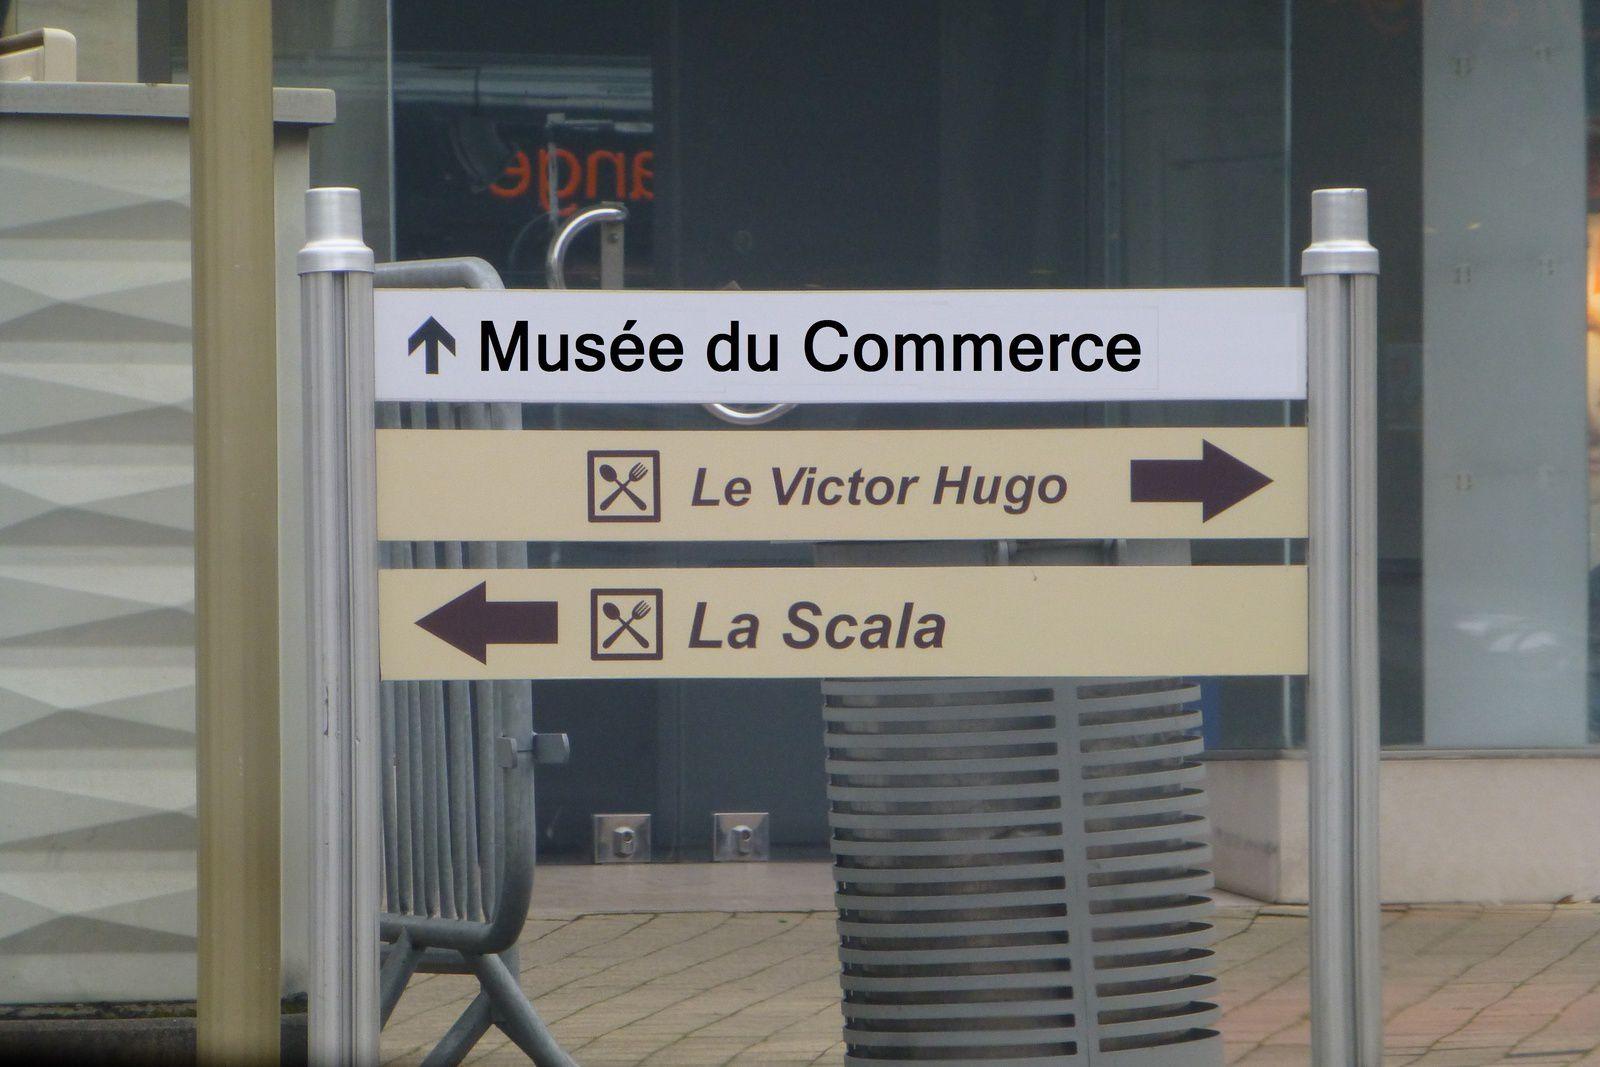 Ah oui, c'est nouveau, ça vient de sortir. Comme l'avenue de la République sera la seule rue à posséder des commerces, la ville de Vierzon a balisé le parcours au cas où un touriste s'y égarerait !